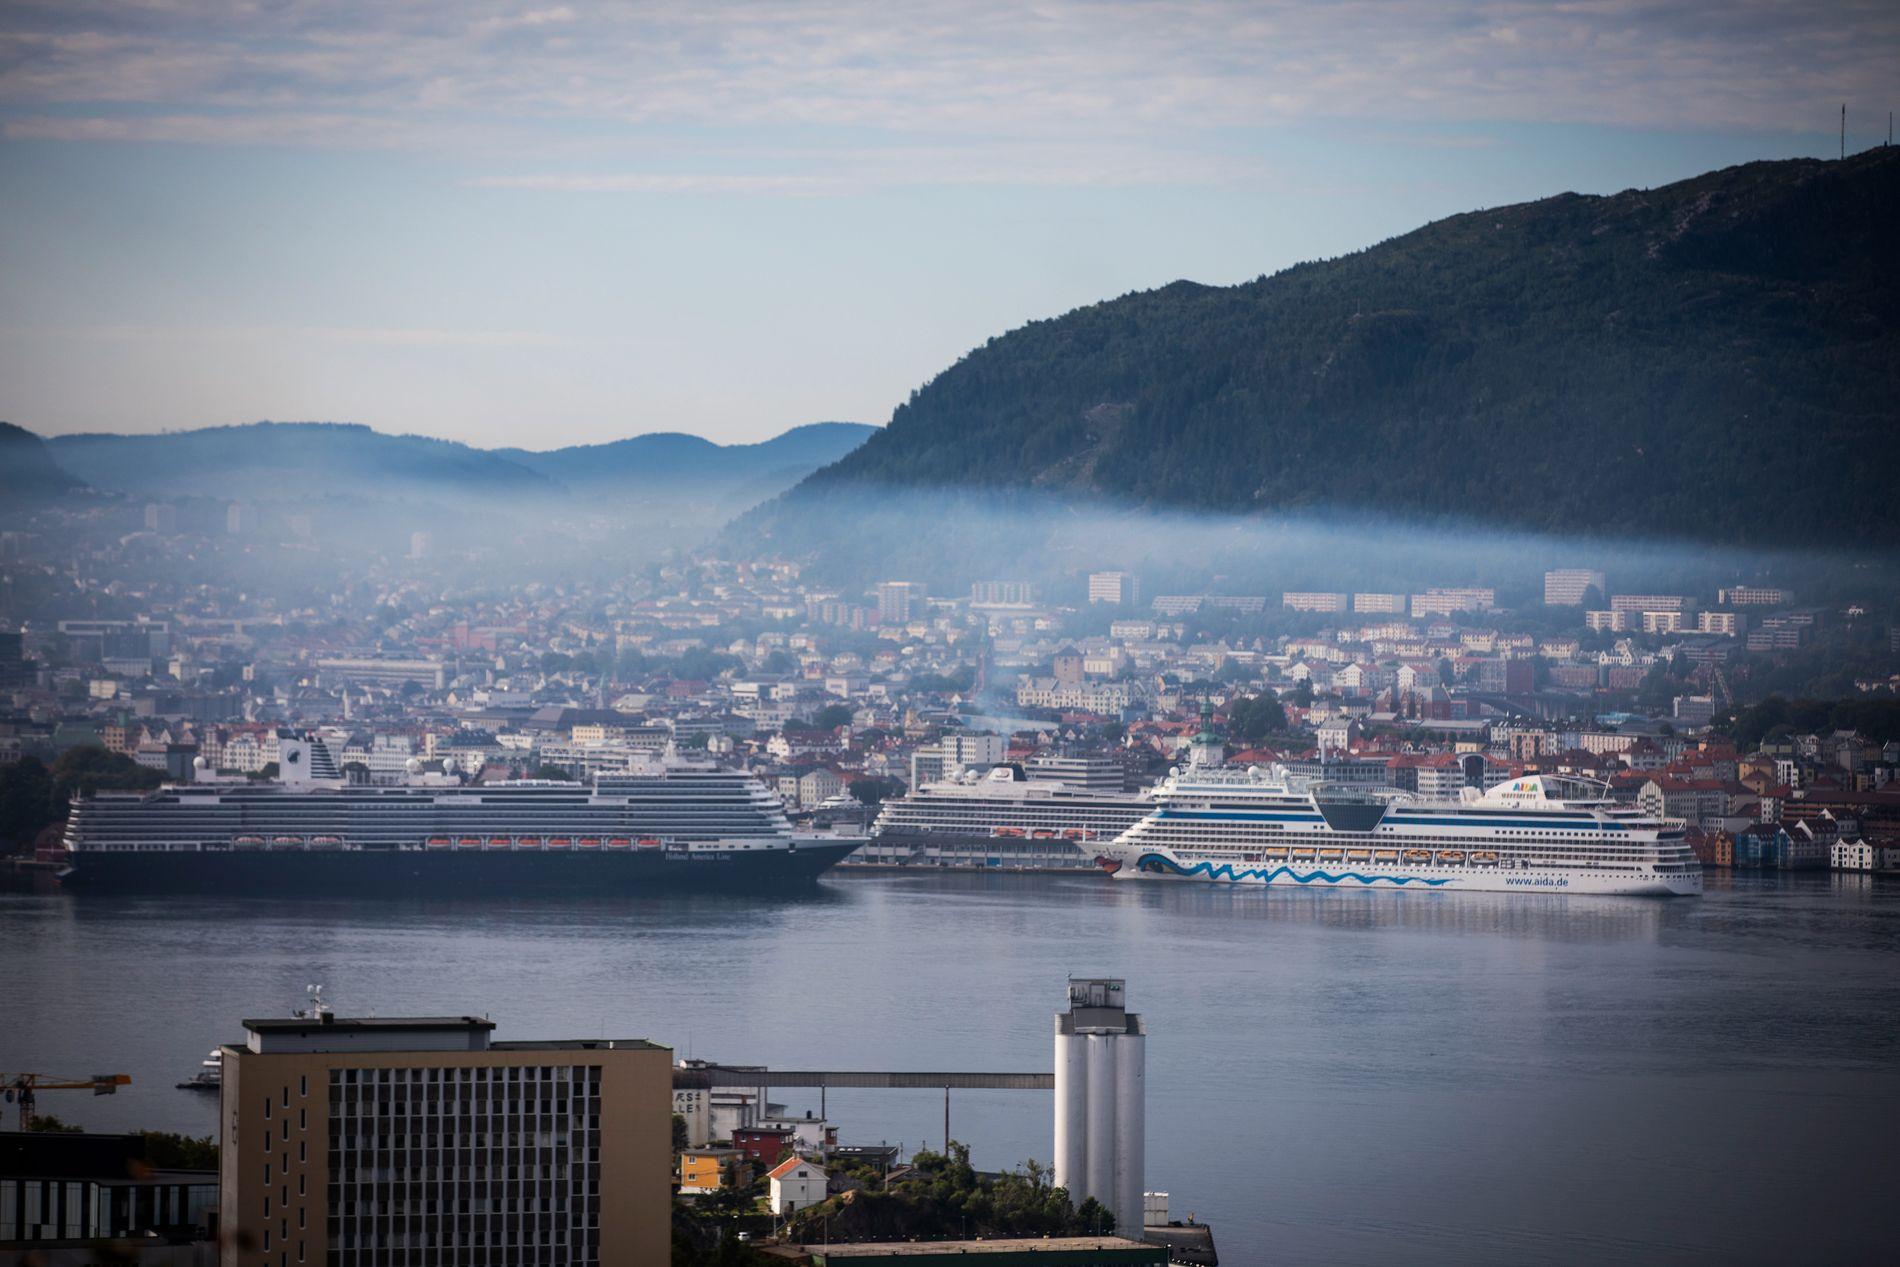 TEPPE AV EKSOS: Innsatsen for å grønnvaske norske fjorder har tatt seg opp på kort tid, mener BT